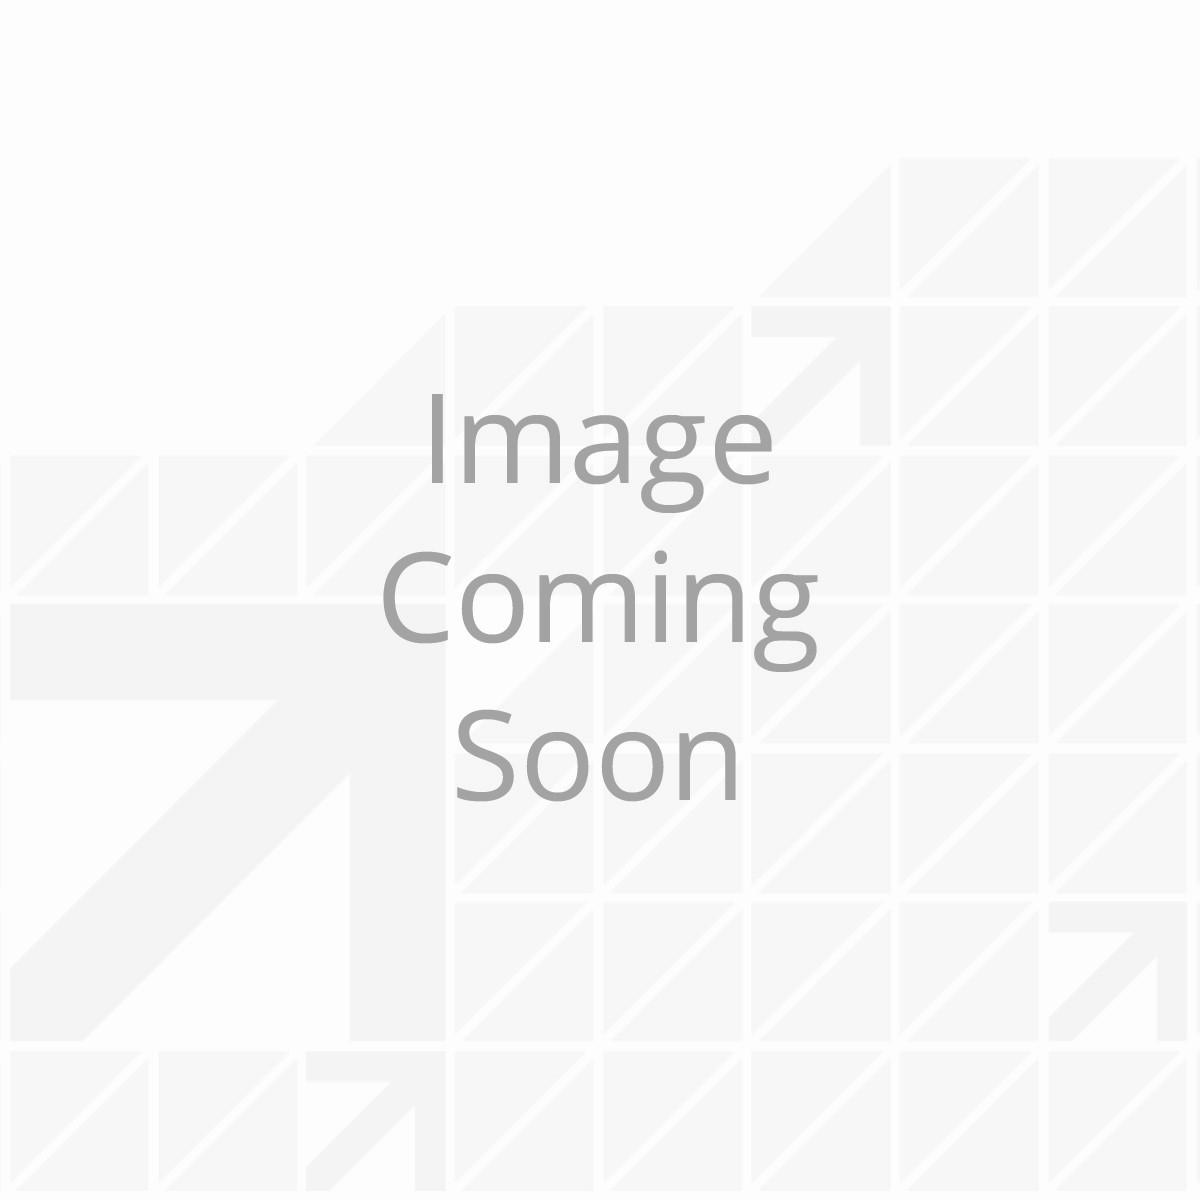 2979981_12K-Brake-Assy_001